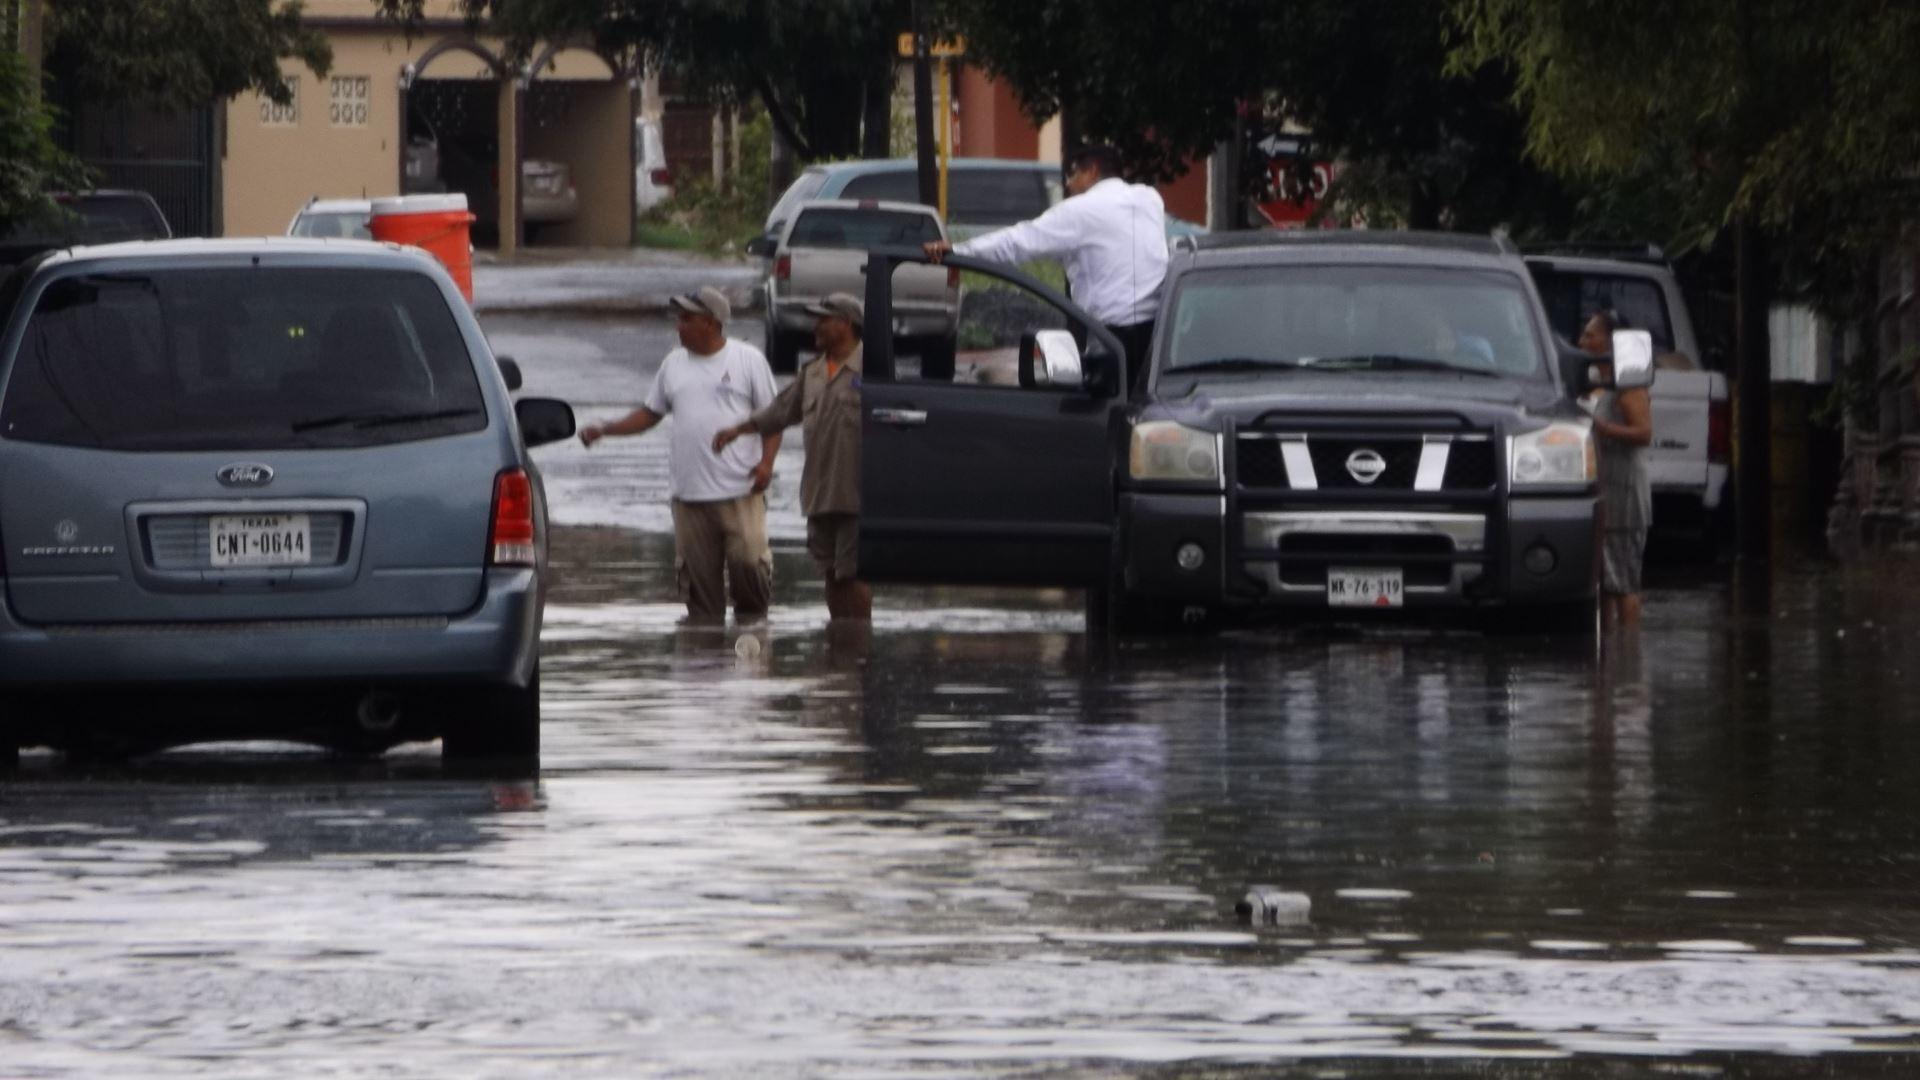 DESAZOLVAN. Cuadrillas del organismo operador de agua y alcantarillado, tuvieron que desazolvarlas para tratar de solucionar las inundaciones.